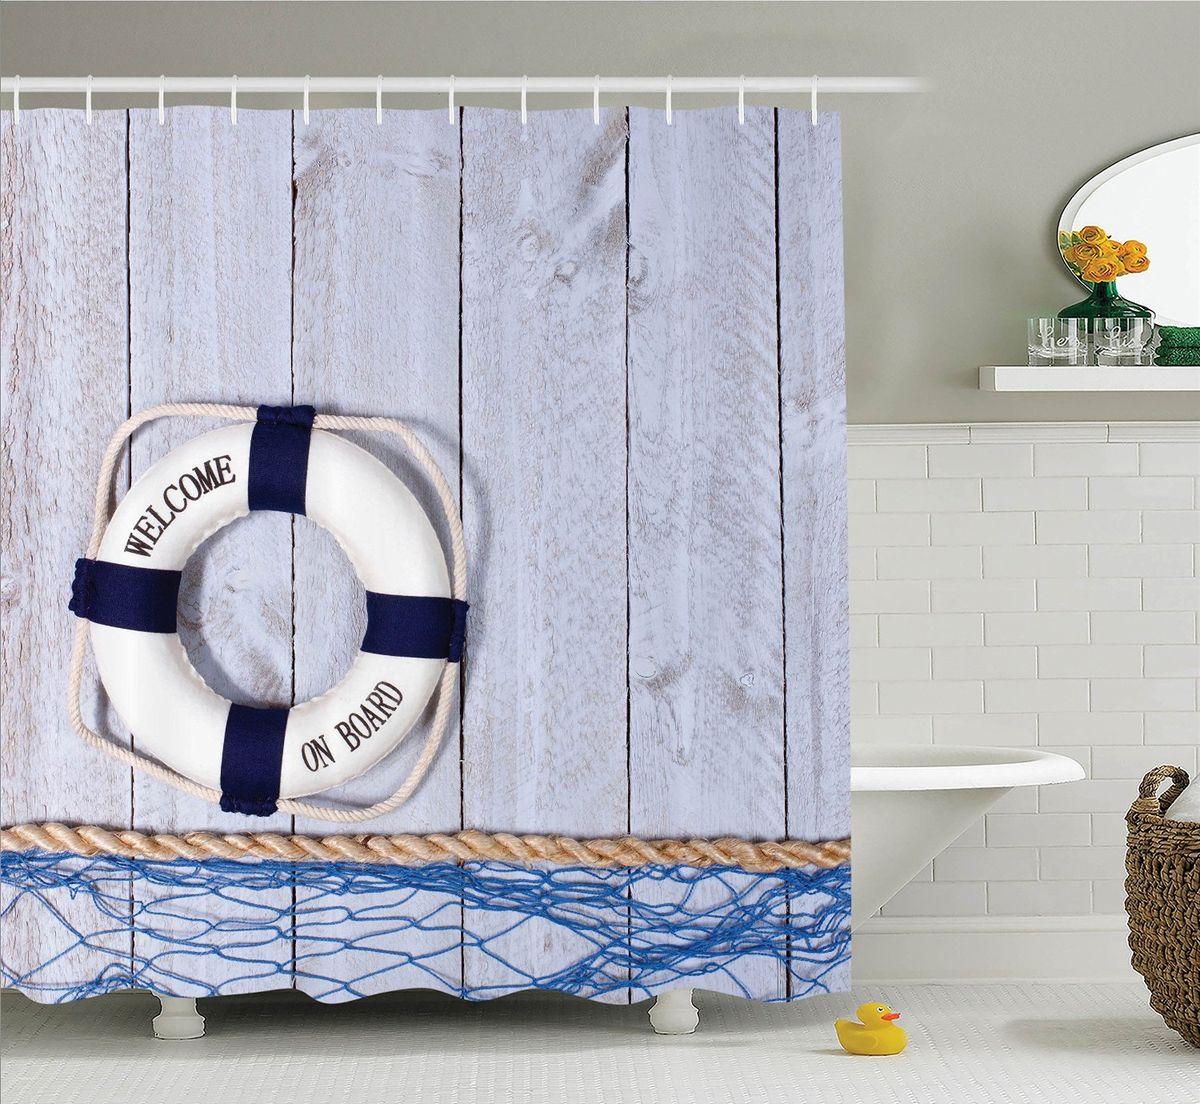 Штора для ванной комнаты Magic Lady Спасательный круг, 180 х 200 см33323Штора Magic Lady Спасательный круг, изготовленная из высококачественного сатена (полиэстер 100%), отлично дополнит любой интерьер ванной комнаты. При изготовлении используются специальные гипоаллергенные чернила для прямой печати по ткани, безопасные для человека.В комплекте: 1 штора, 12 крючков. Обращаем ваше внимание, фактический цвет изделия может незначительно отличаться от представленного на фото.